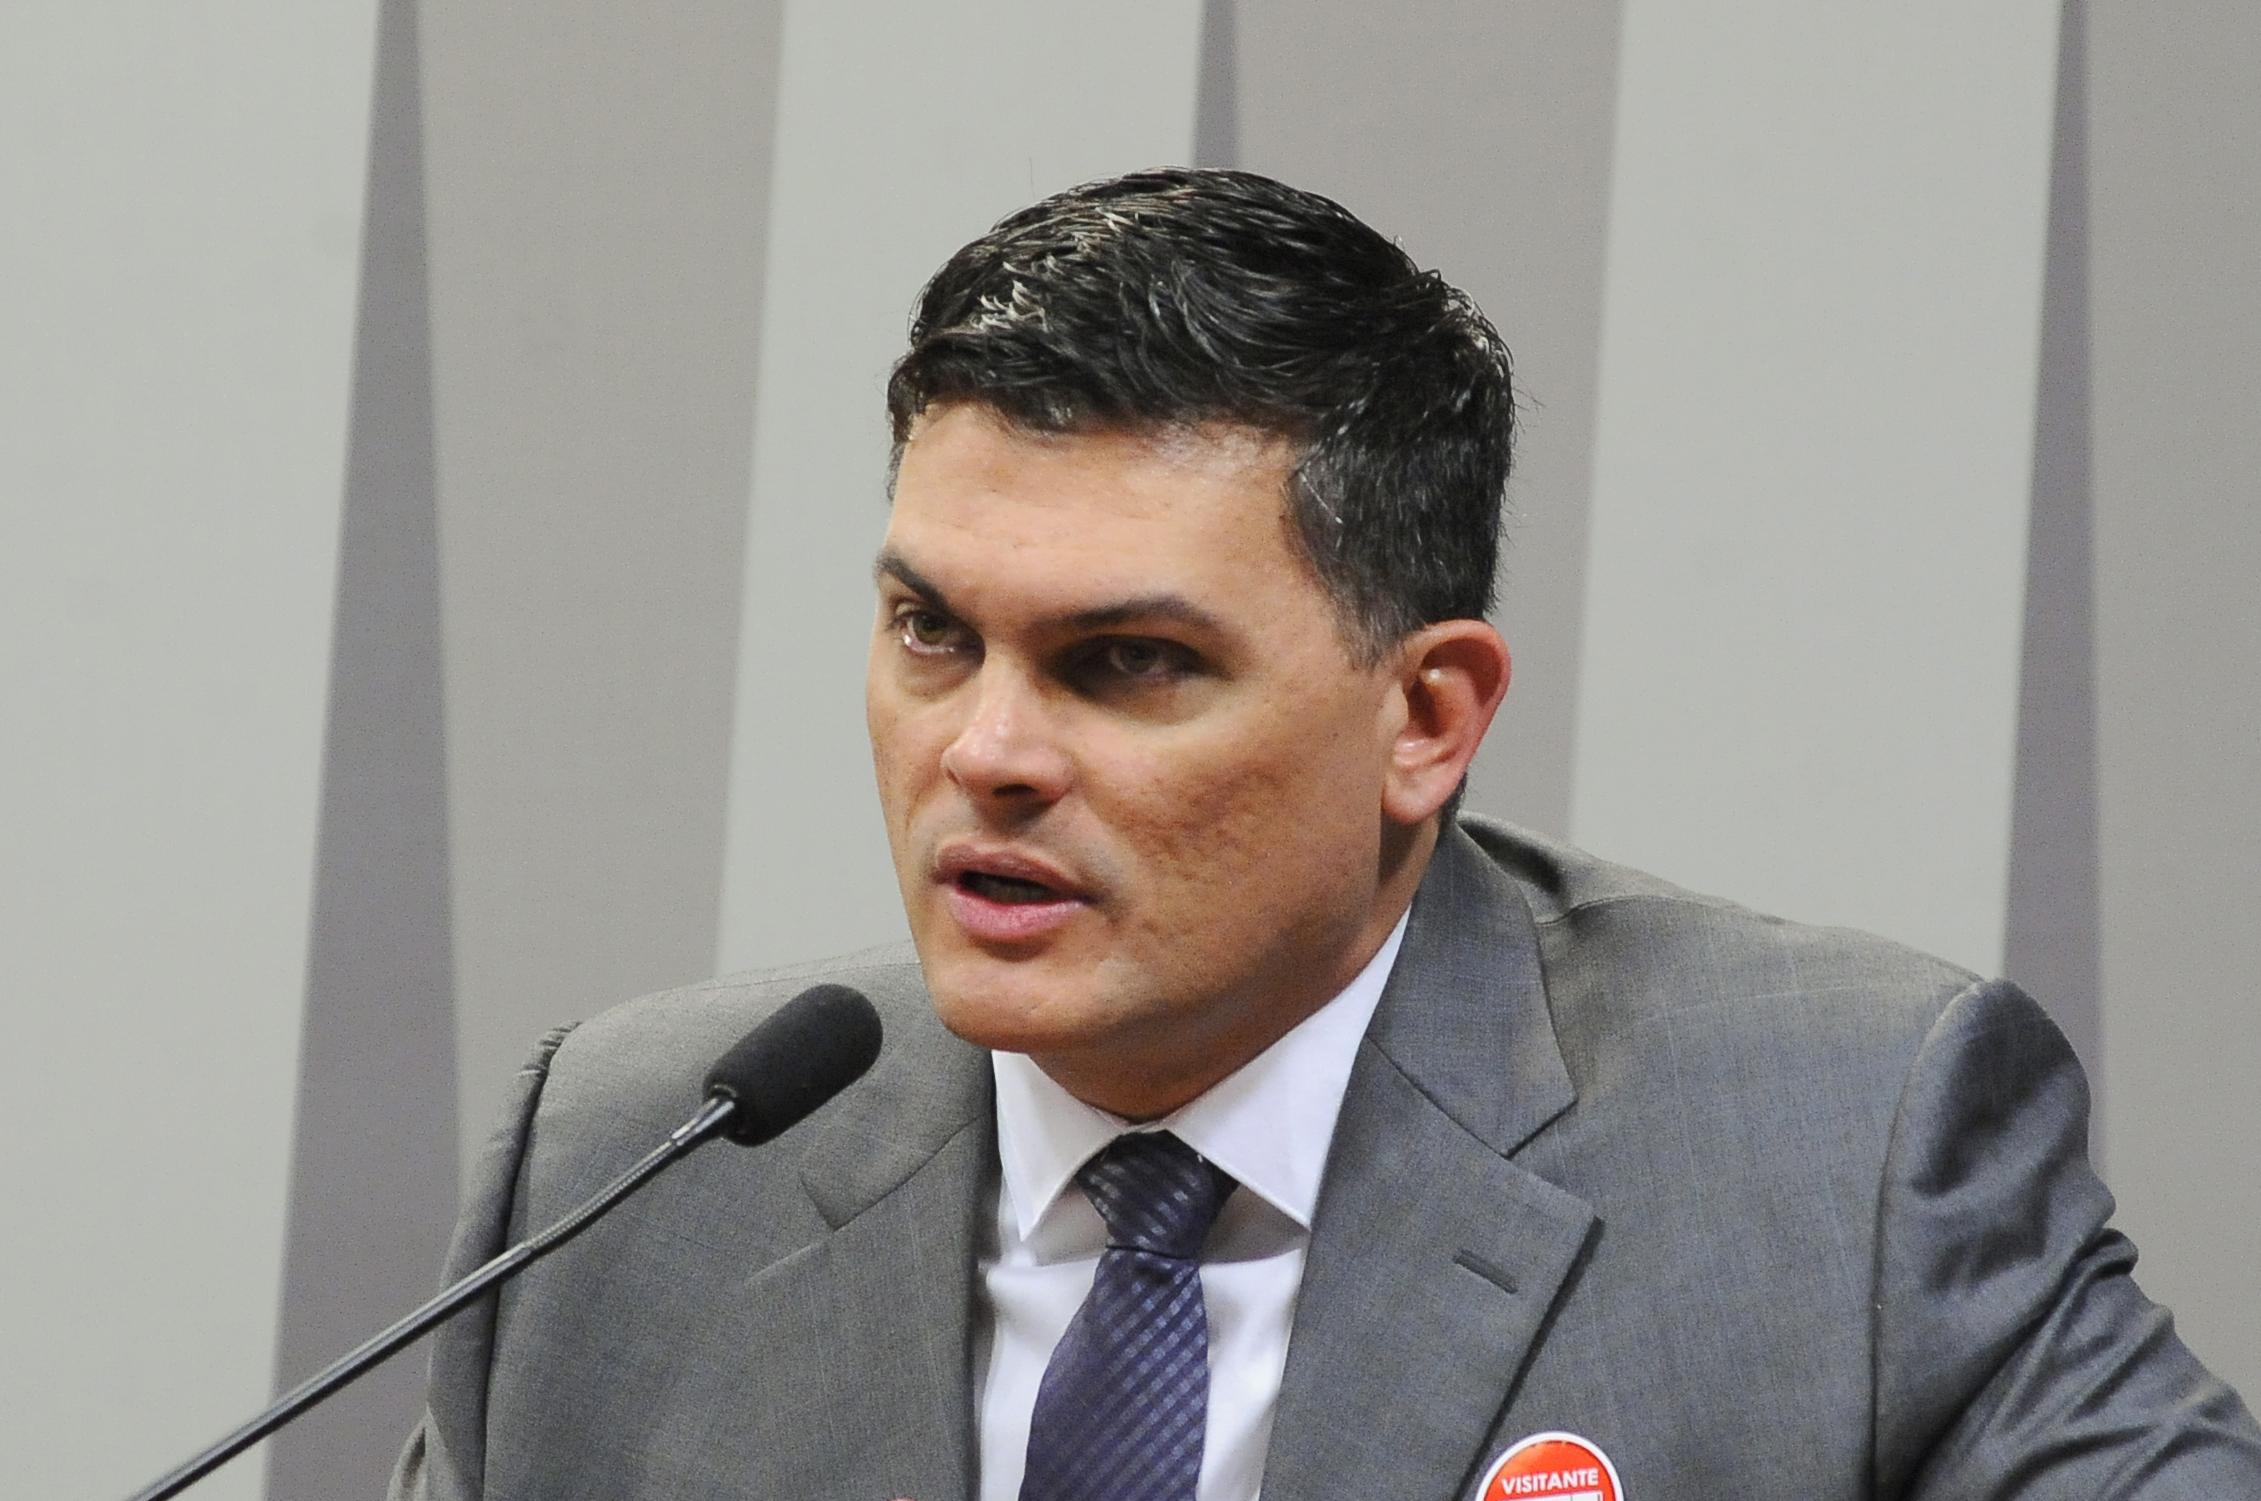 CI_Senado_BR319_Marcelo_Thome_Fiero.jpg